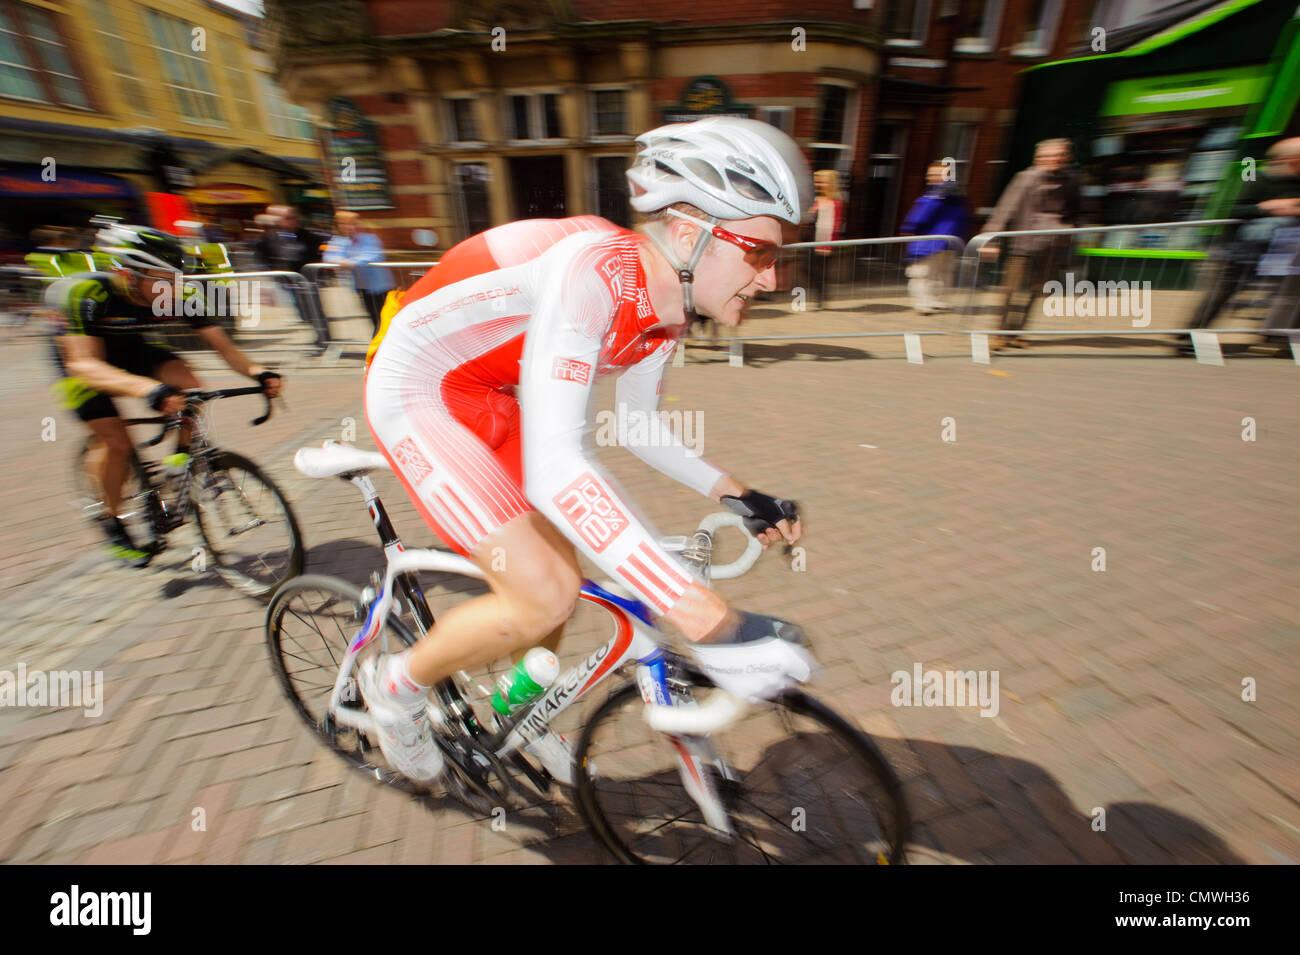 Riders in 2011 Preston Grand Prix Cycle Race, Preston, Lancashire - Stock Image